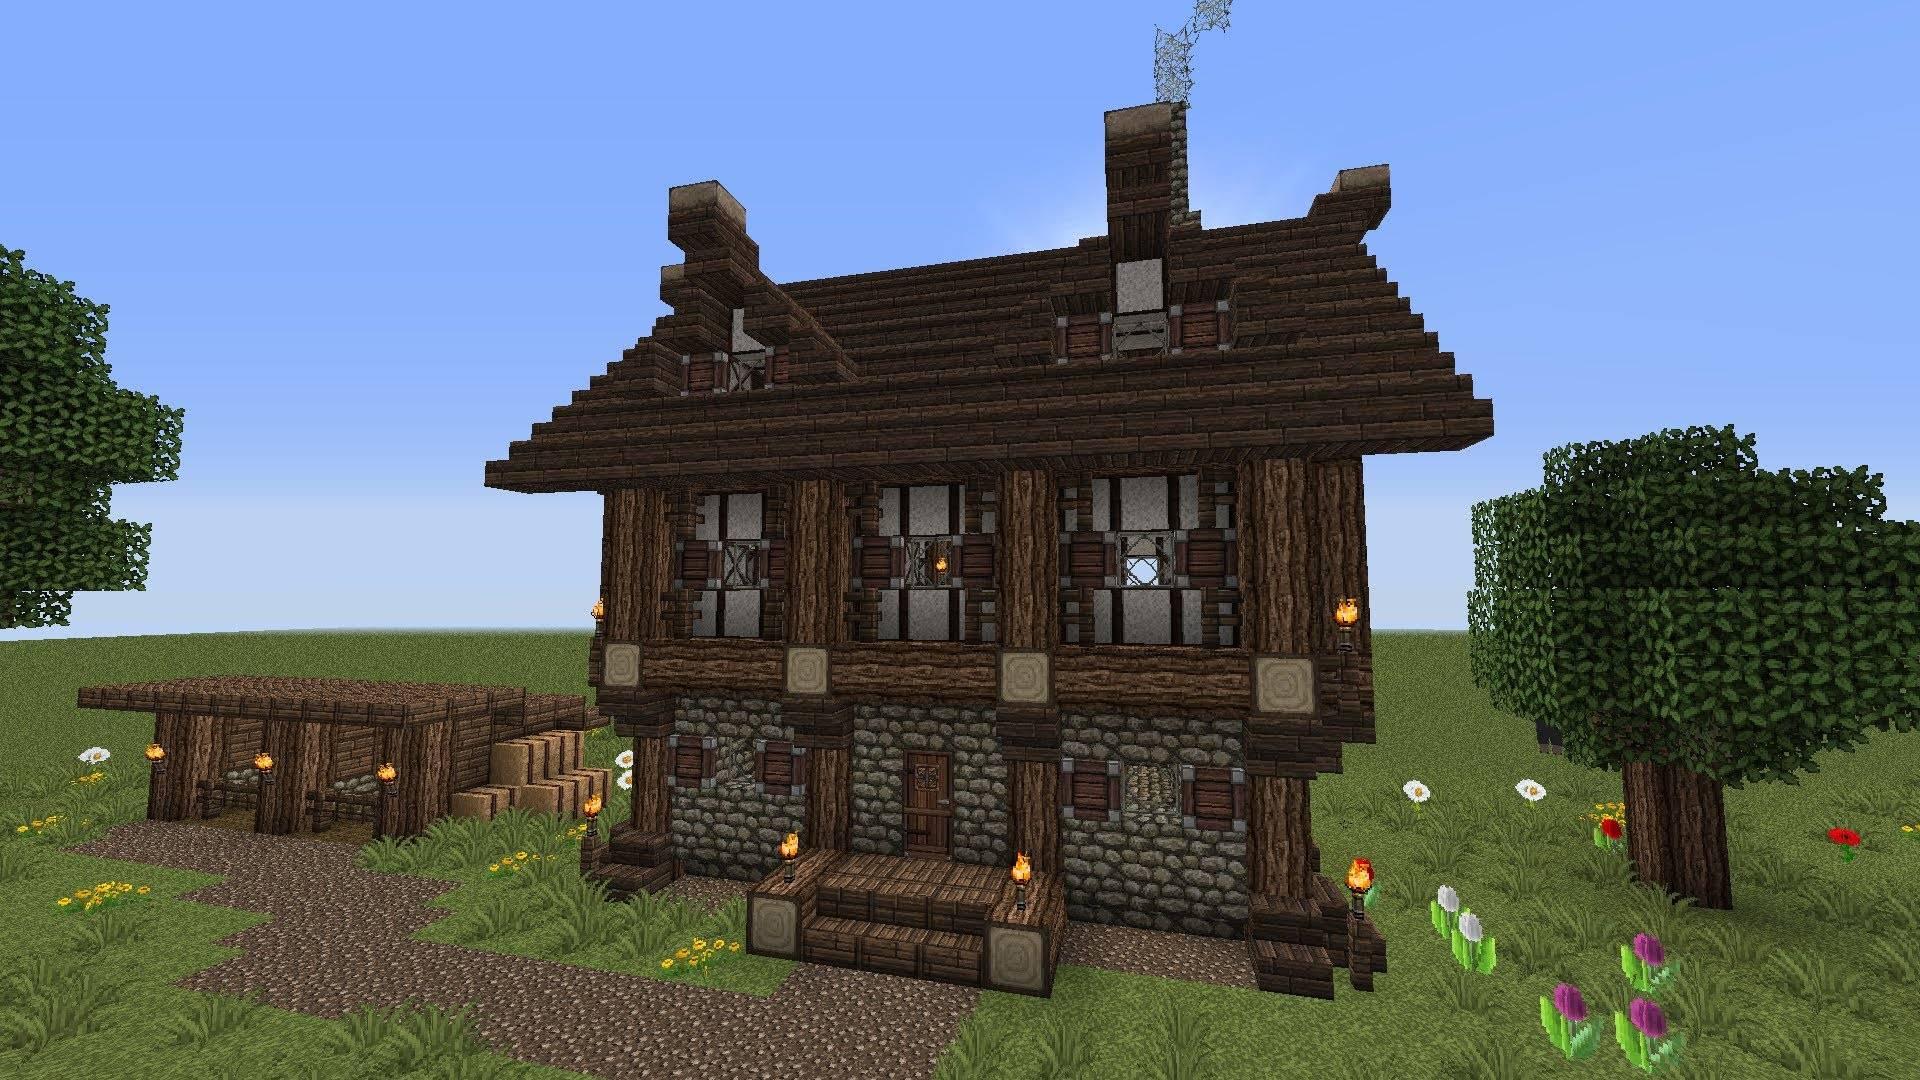 minecraft house design Home Design Minecraft House Design